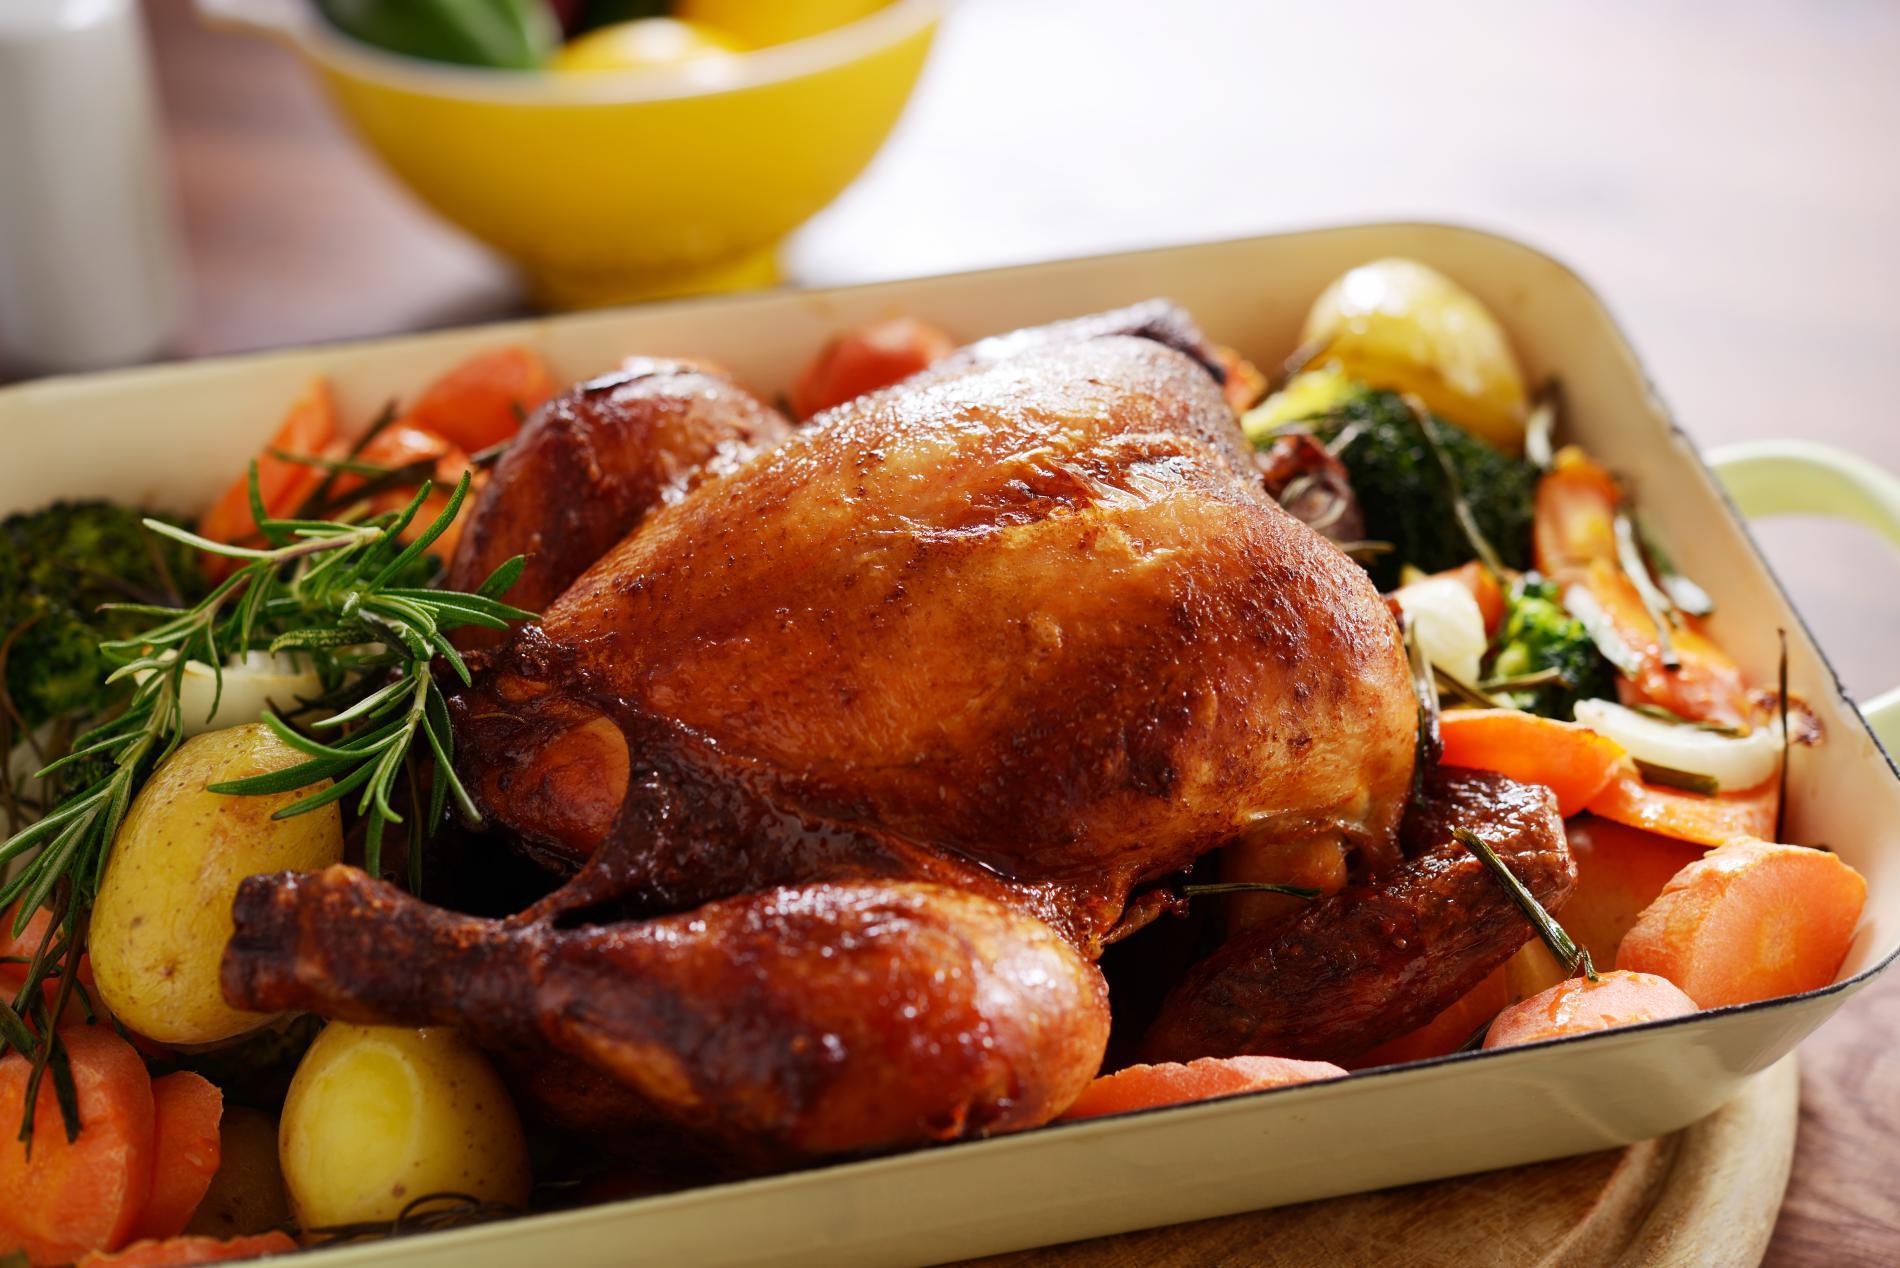 Recette dinde fermi re d 39 auvergne cuisine madame figaro for Auvergne cuisine